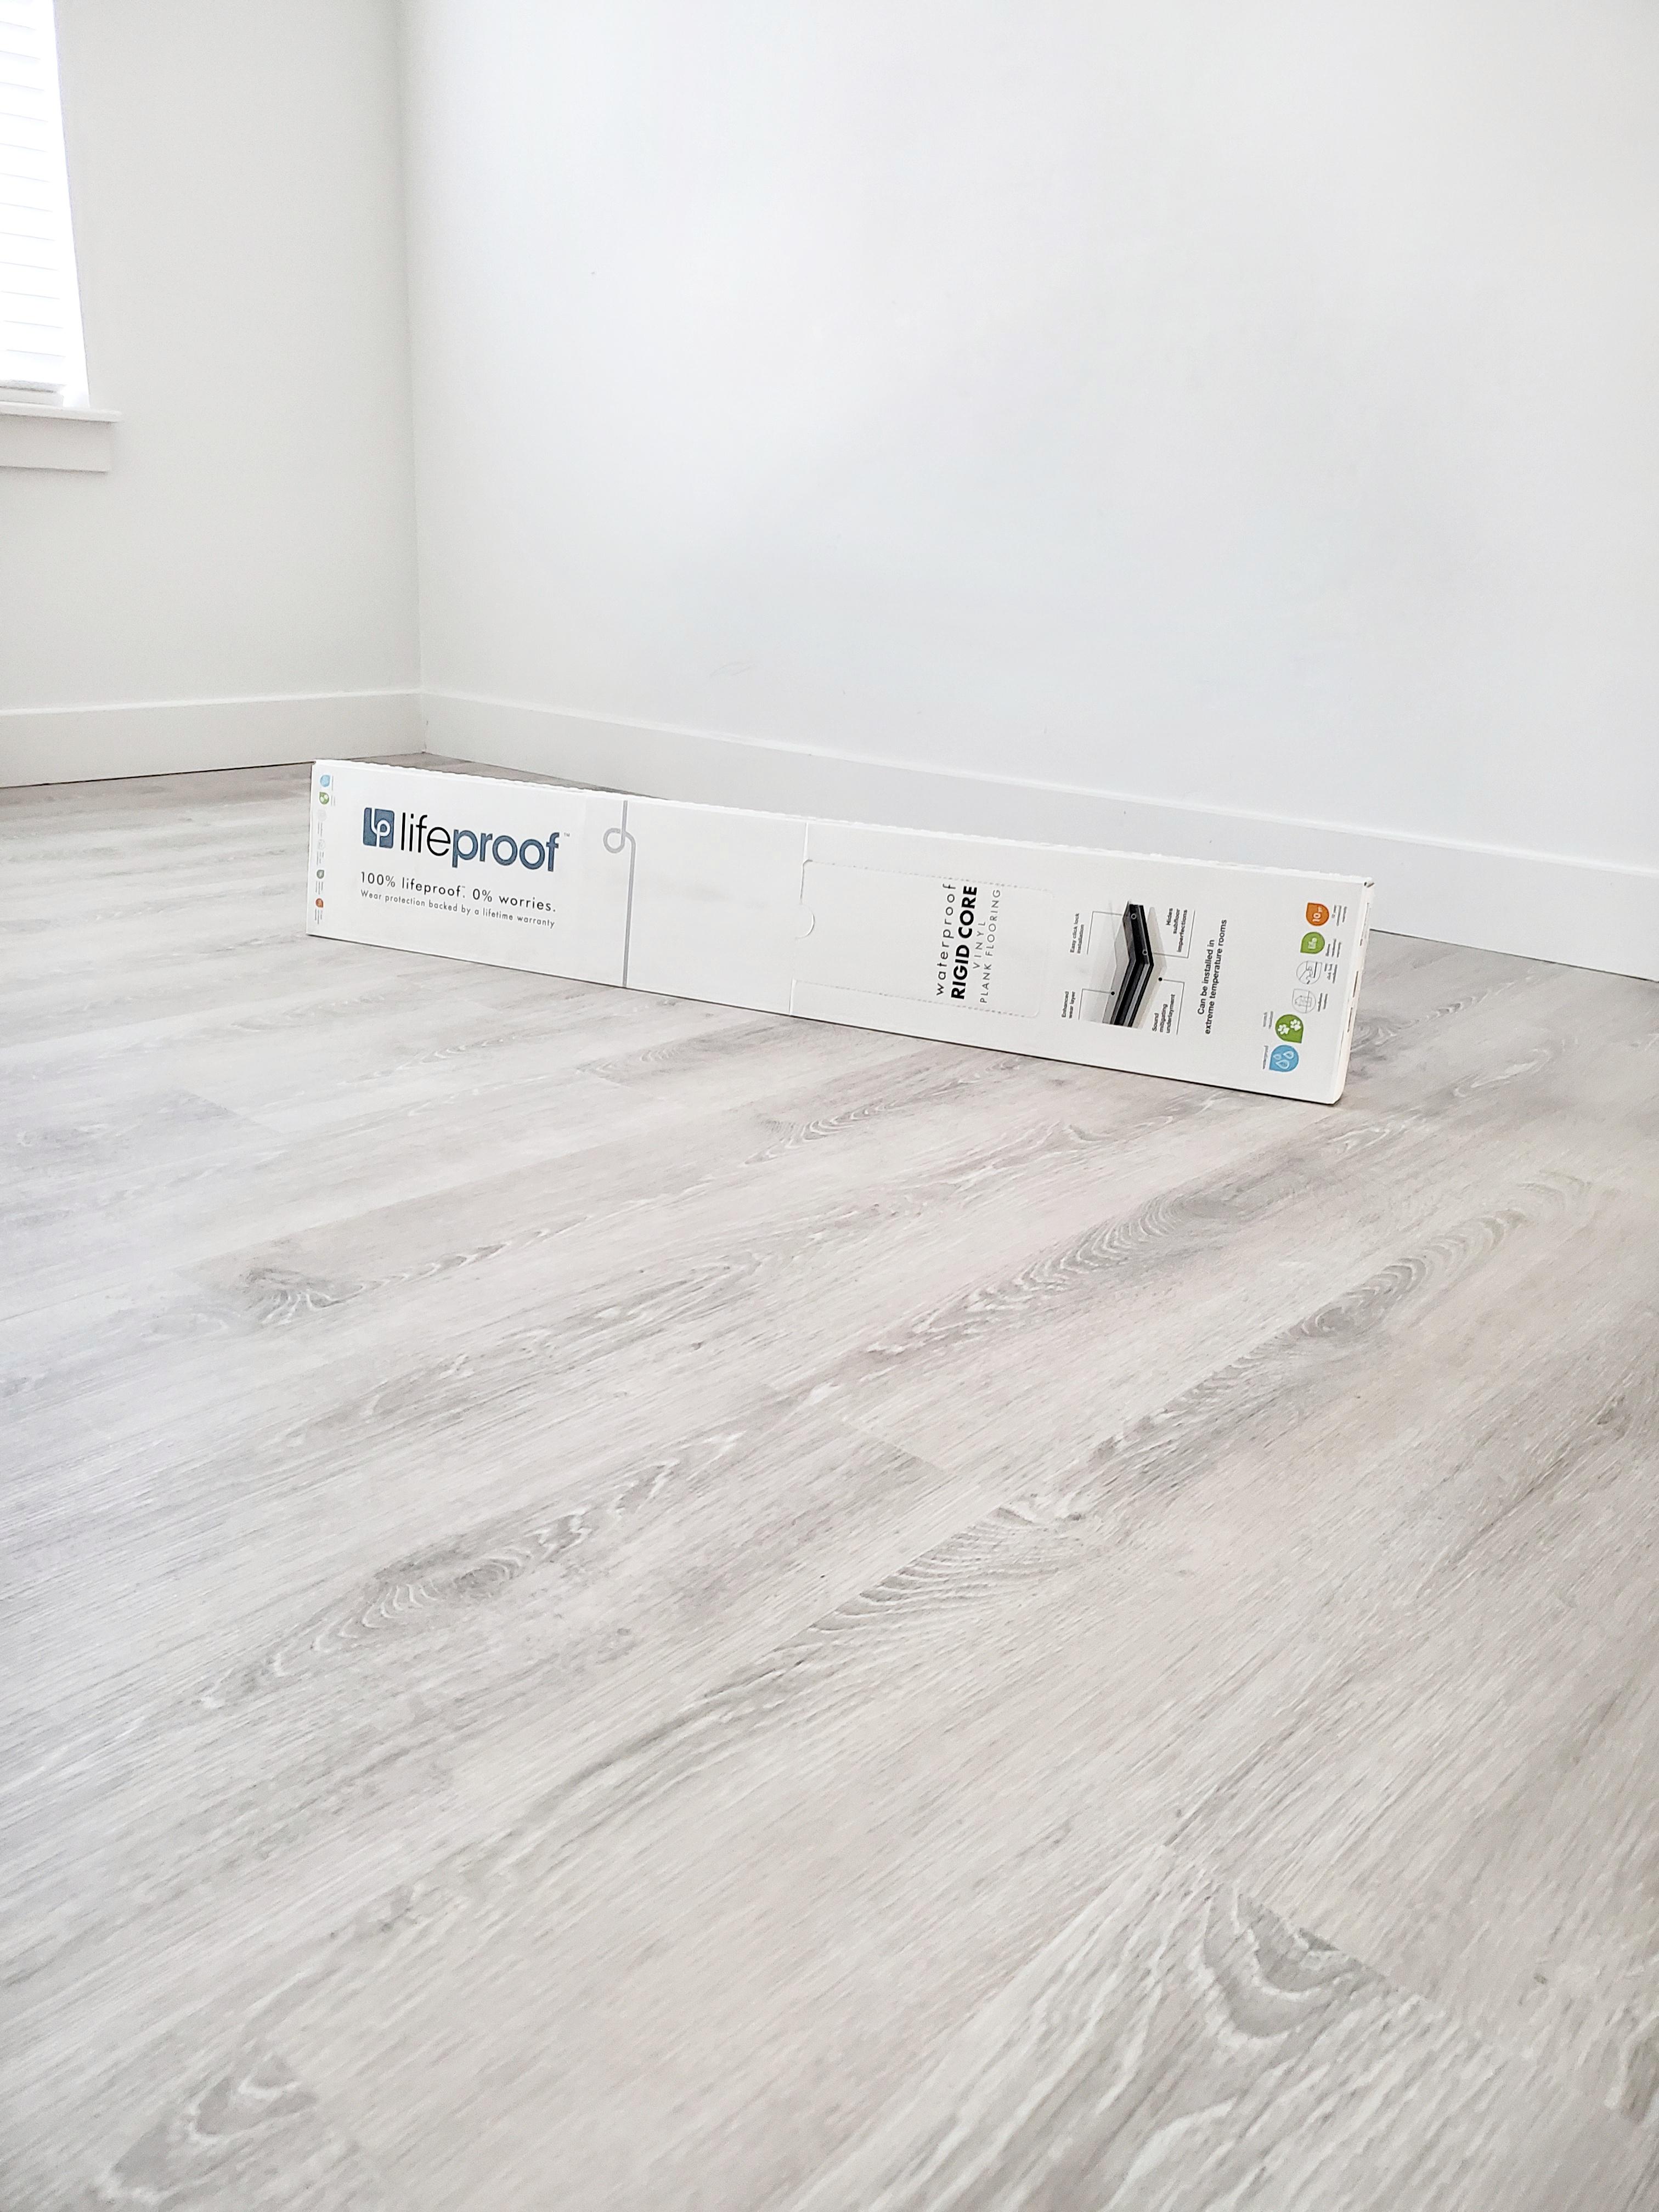 lifeproof luxury rigid vinyl plank